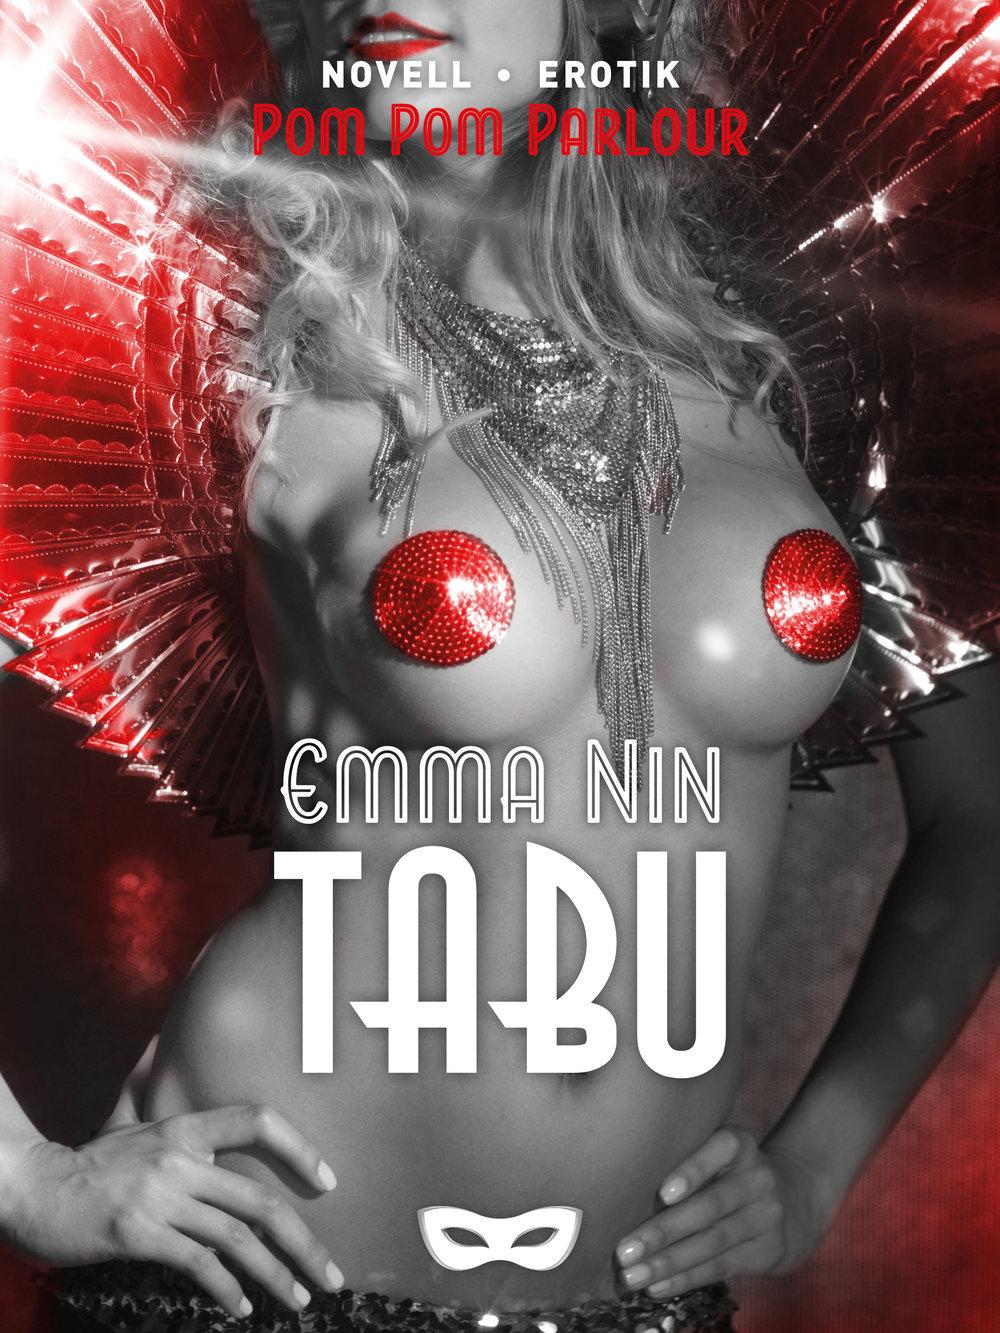 Tabu   Berlin Burlesque Festival närmar sig och Sofia laddar inför ett nytt scenframträdande ihop med Tove. Det blir tre dygn med show, glitter och mycket, mycket sex!   Storytel   nextory   bookbeat   adlibris   bokus   ibook